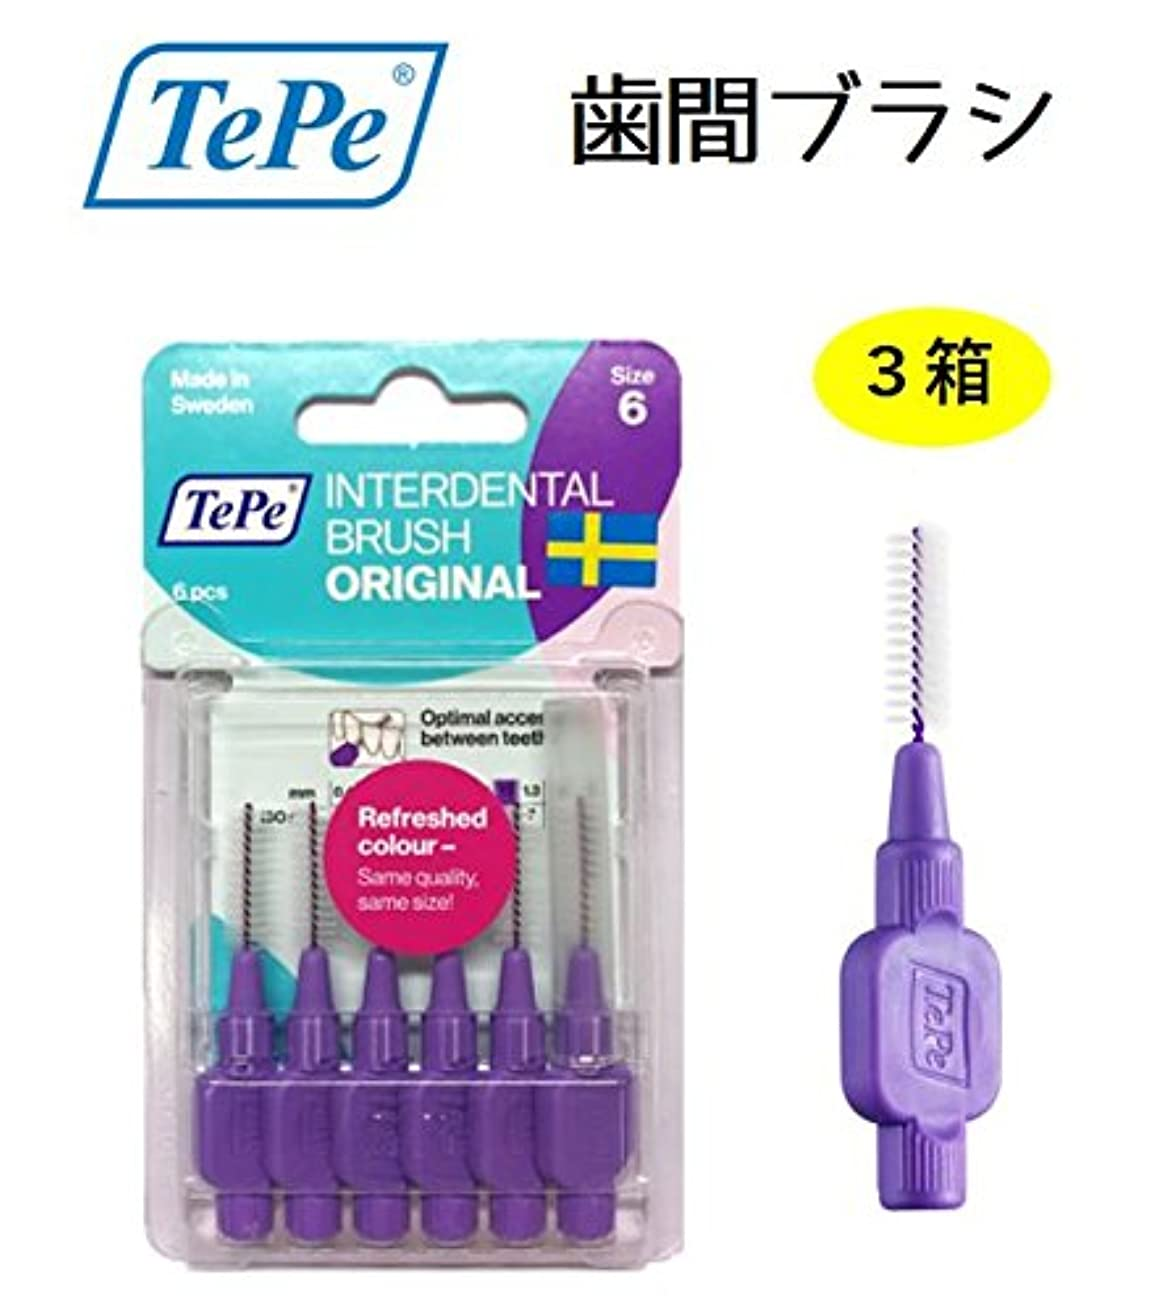 テペ 歯間プラシ 1.1mm ブリスターパック 3パック TePe IDブラシ